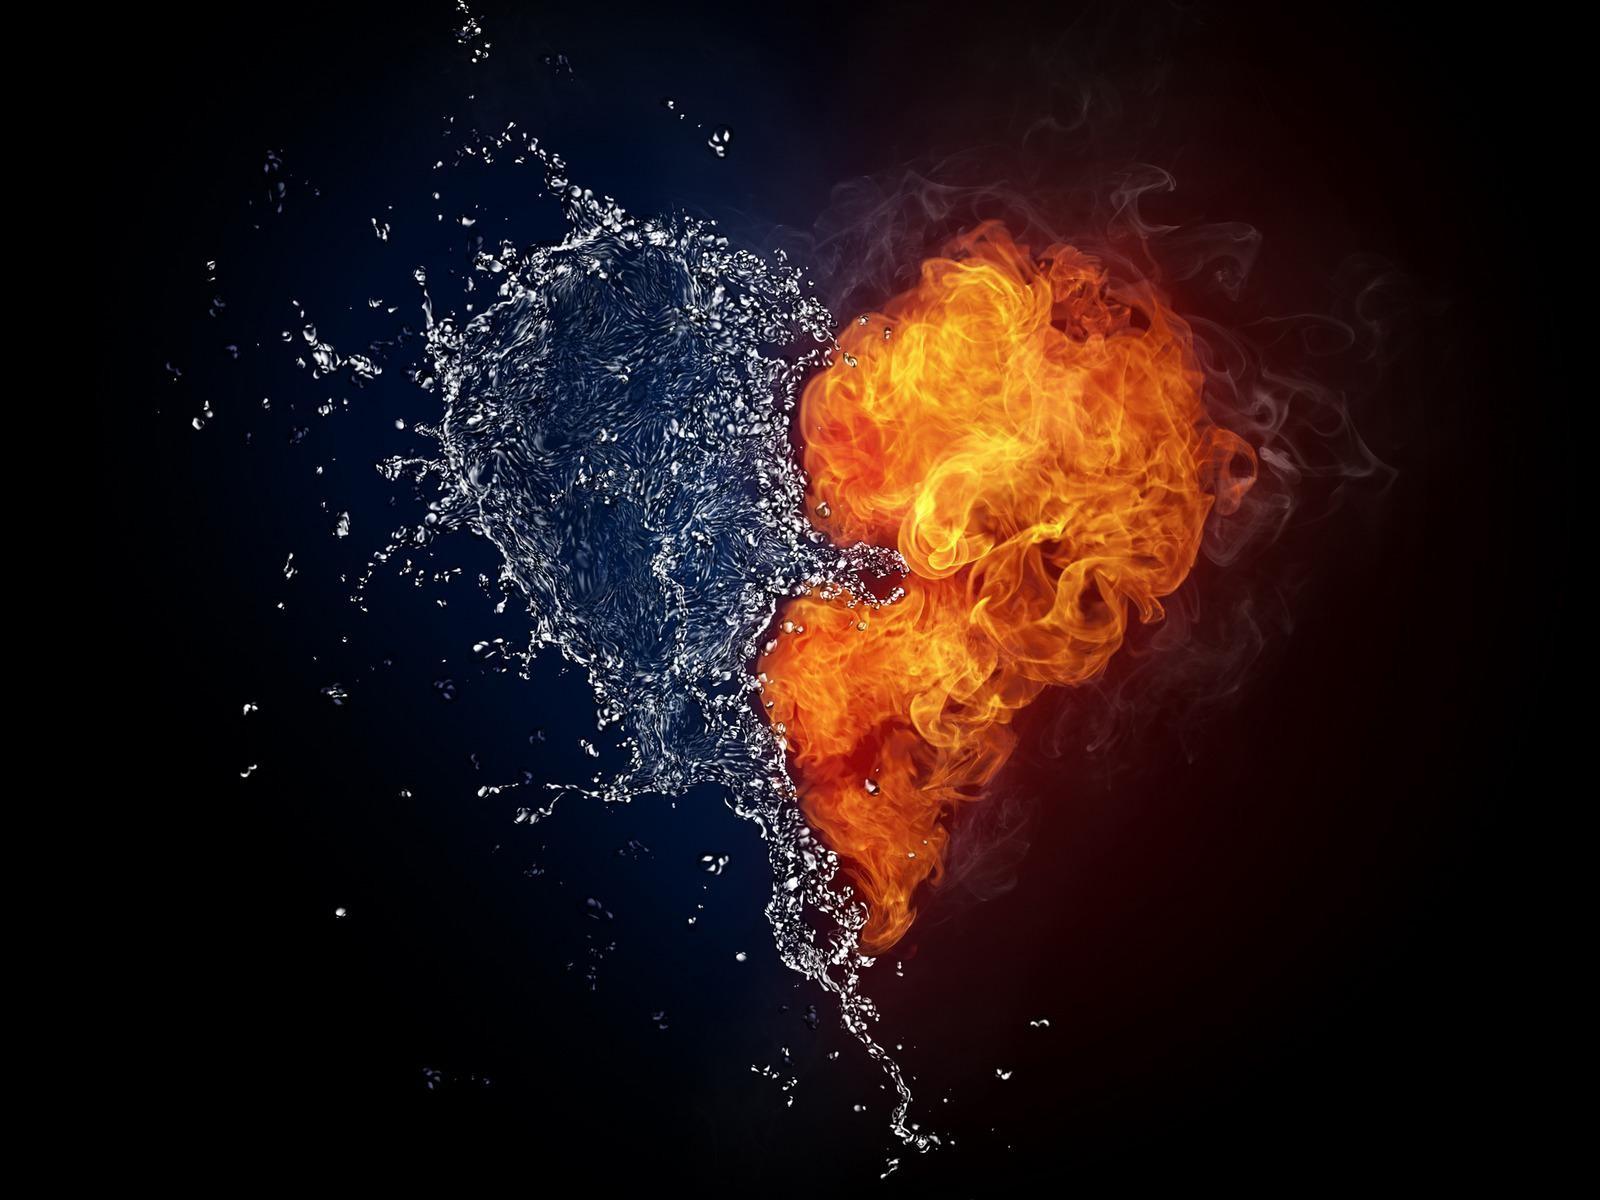 еще сердце ада 4 буквы поможет сделать ваш